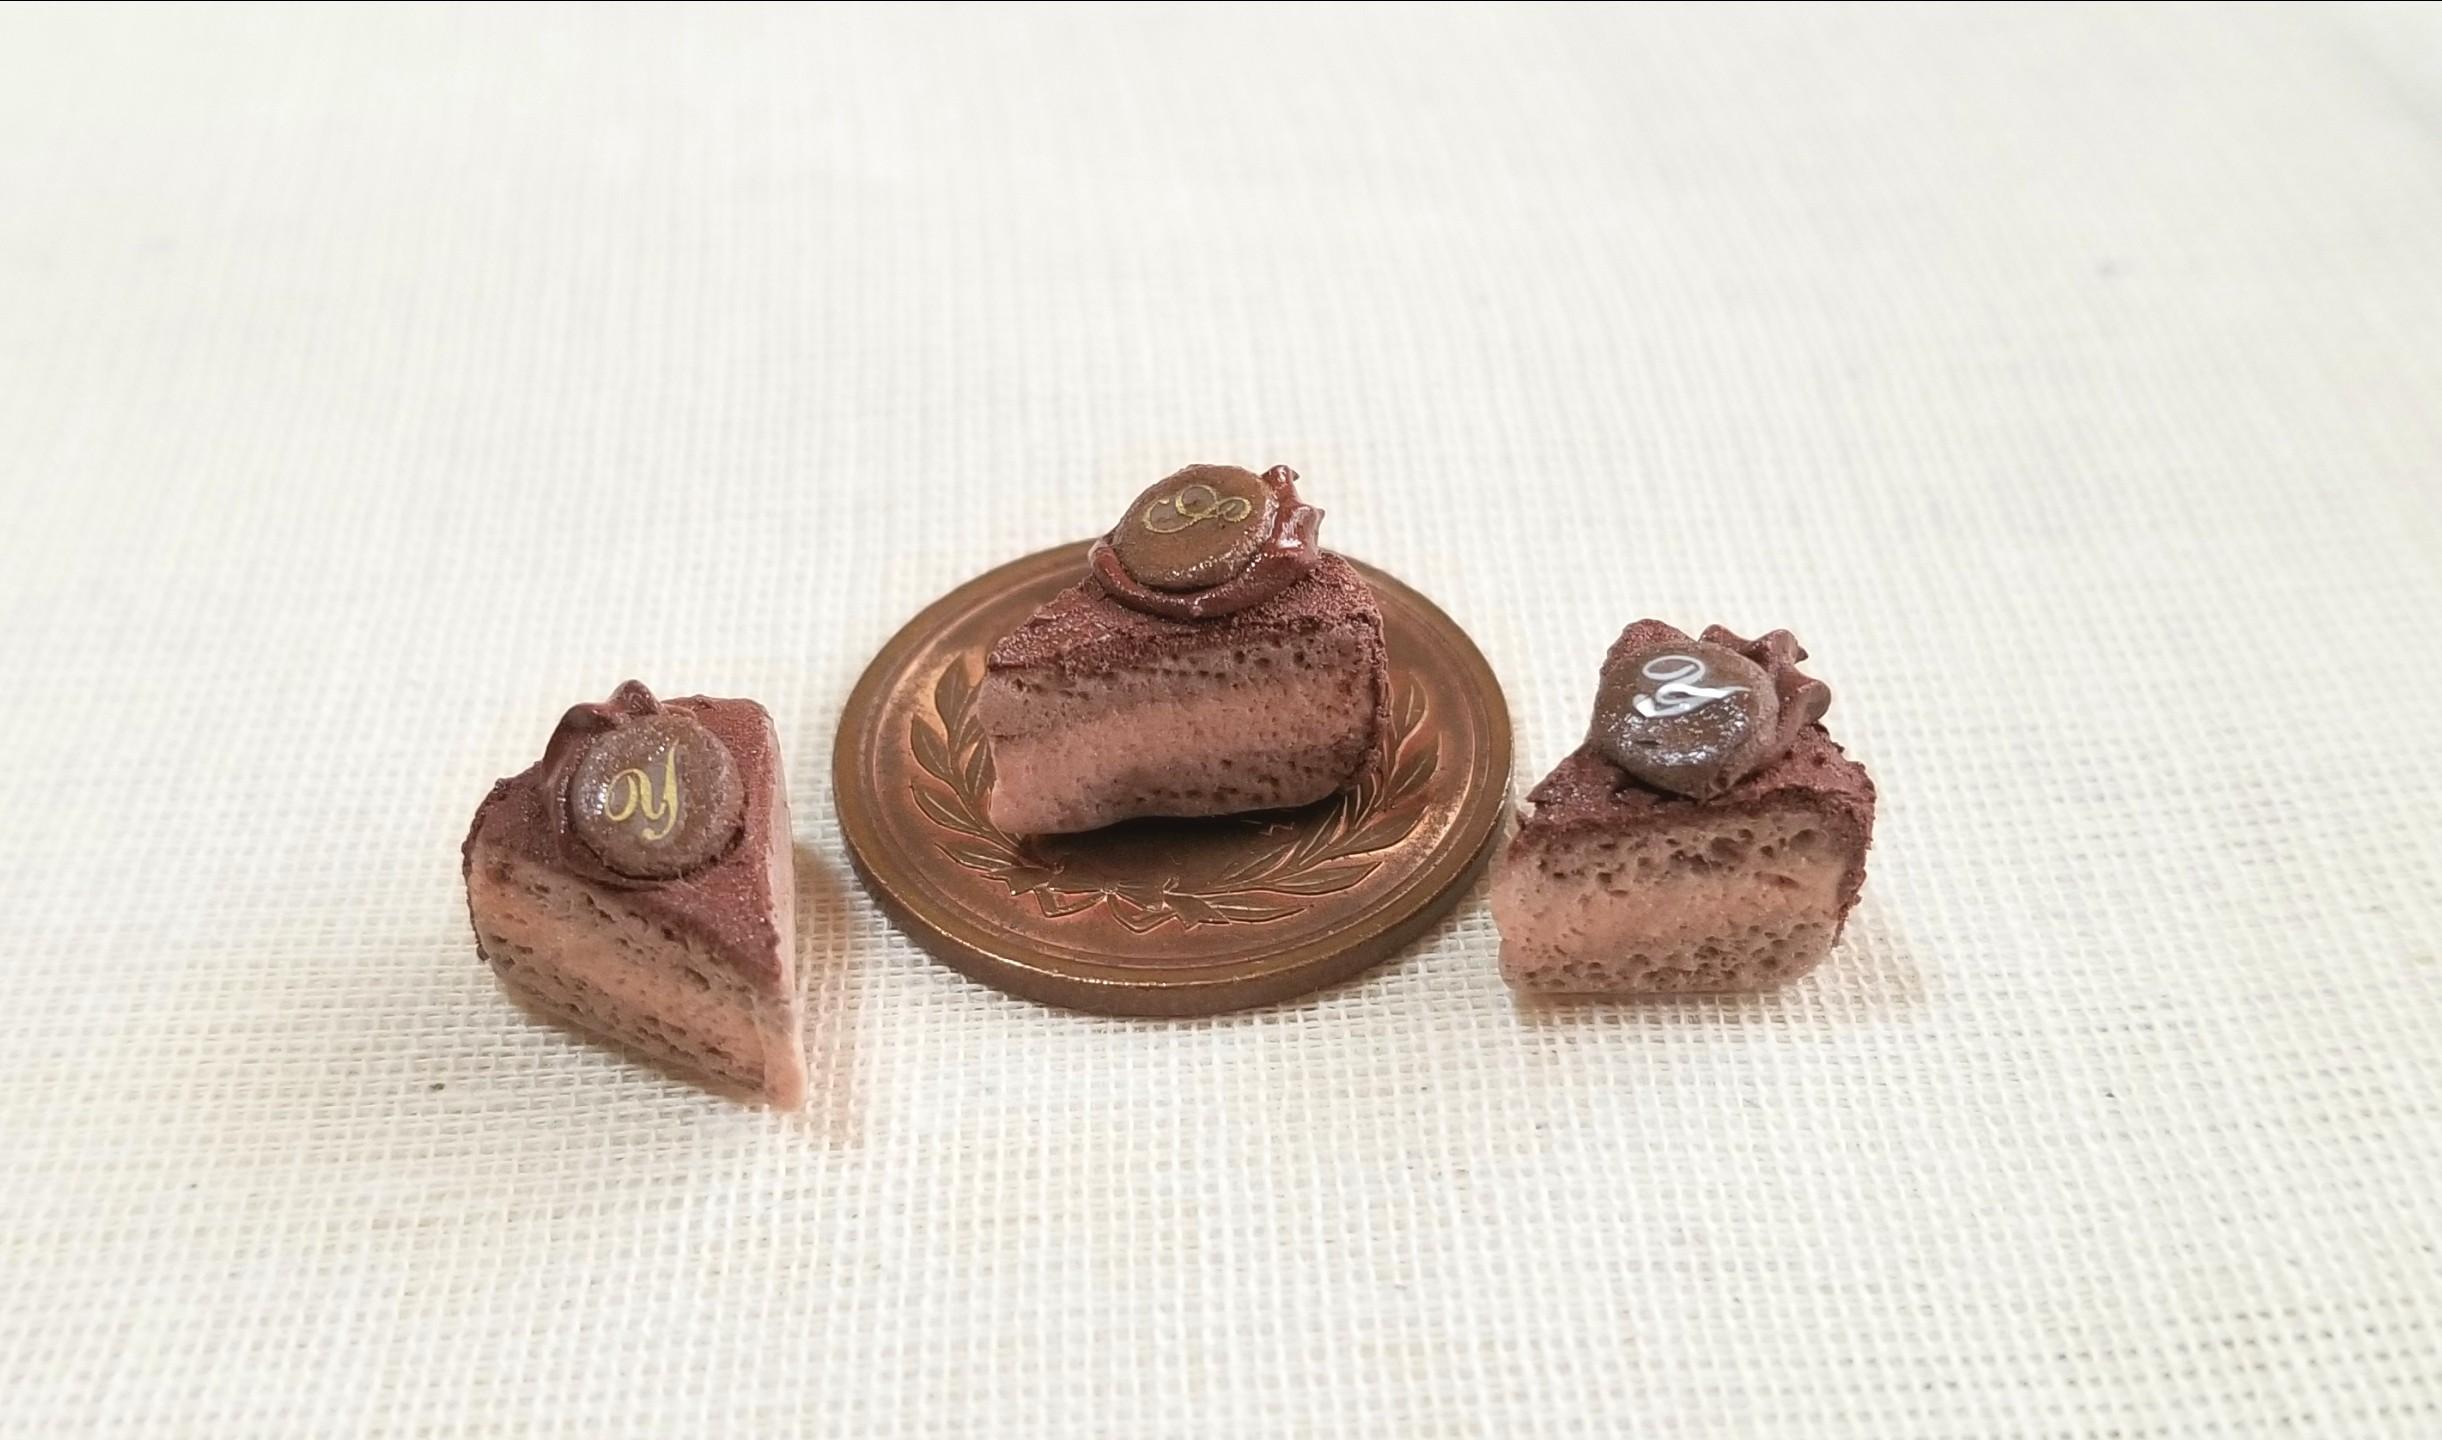 ミニチュアフード,チョコレートケーキ,樹脂粘土,ミンネ購入